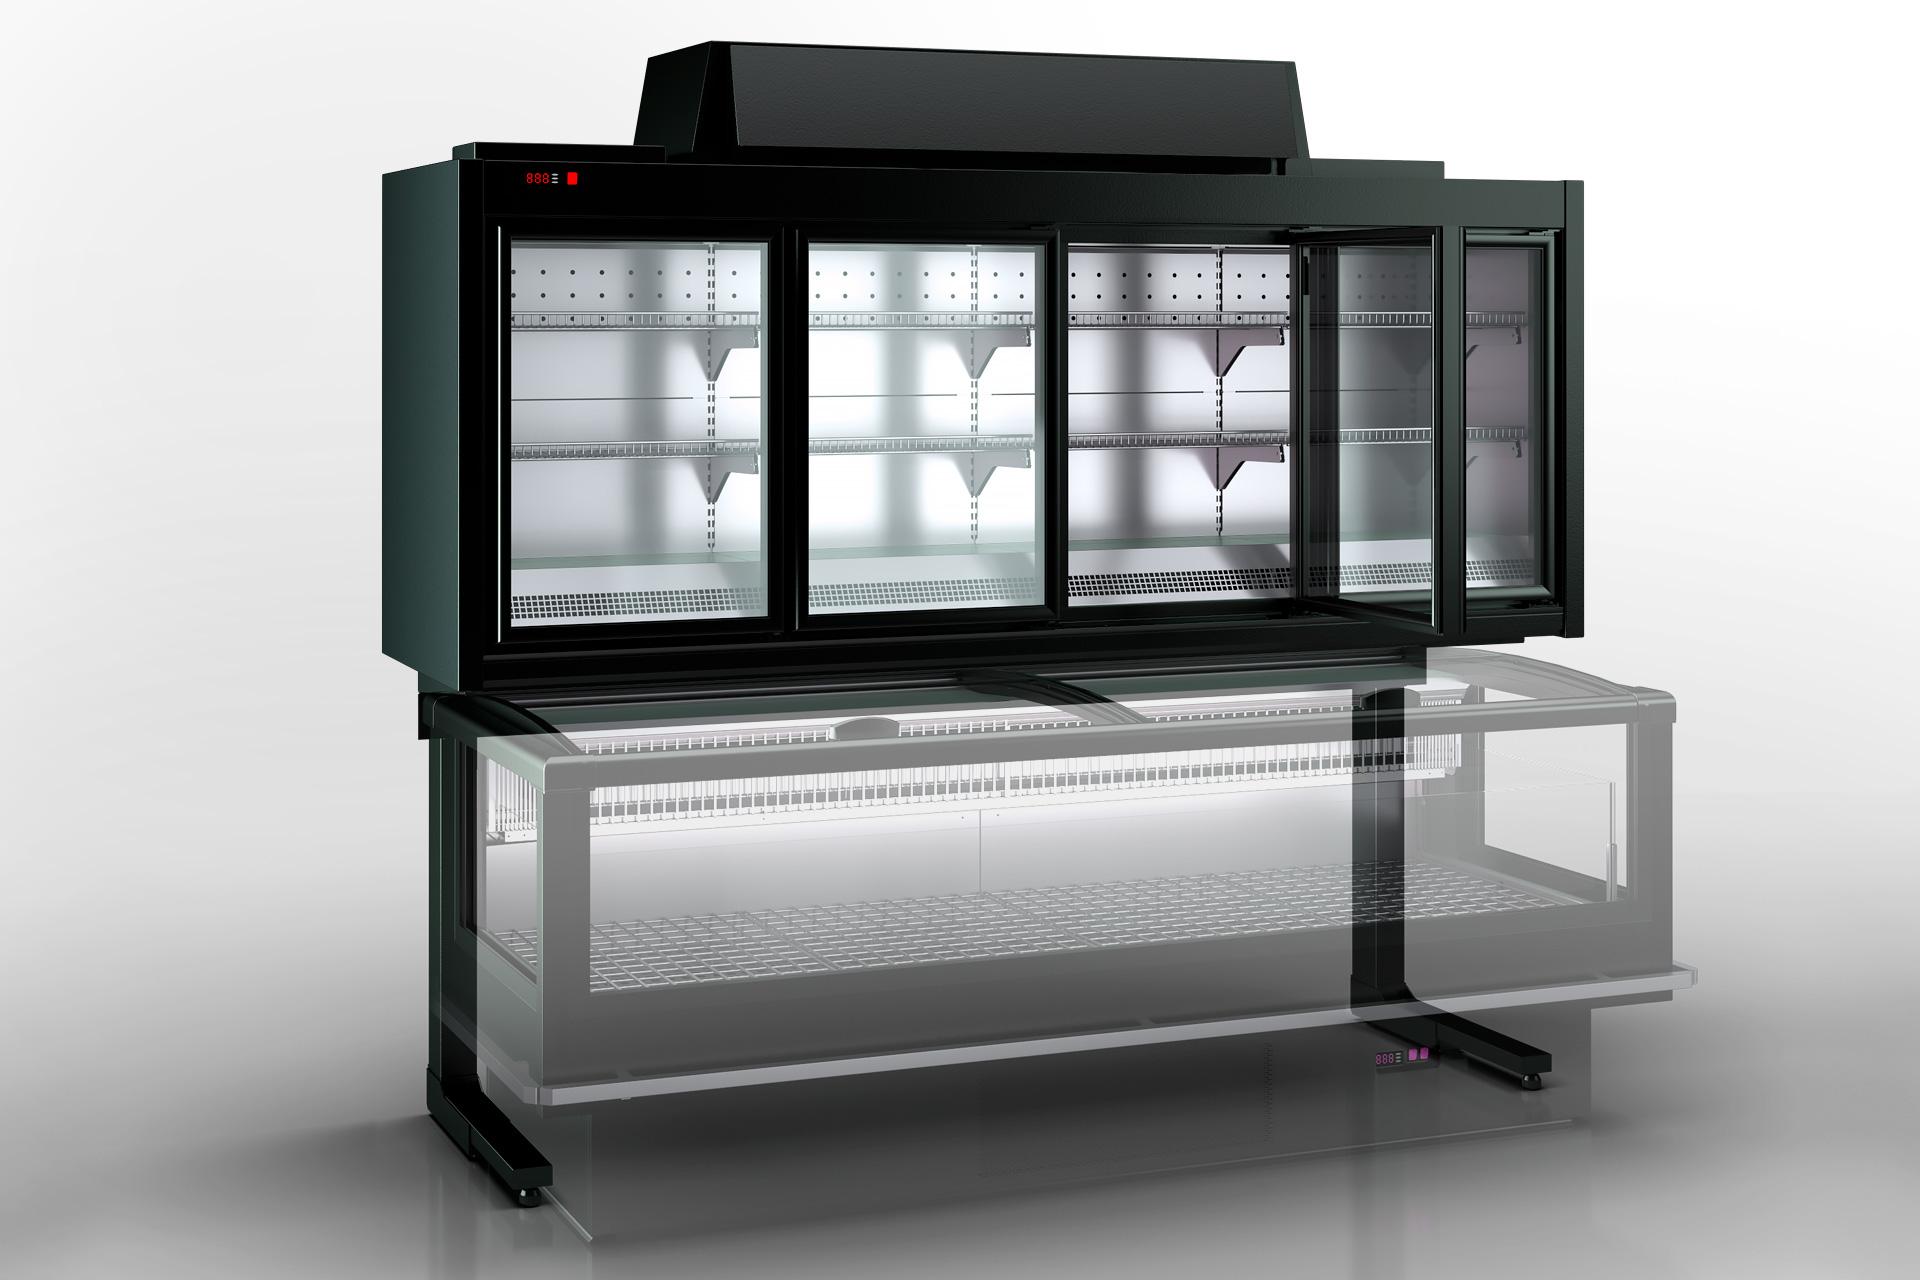 Вітрини для заморожених продуктівХолодильні шафи Kansas VАV 076 HLT D 233-D800A-250